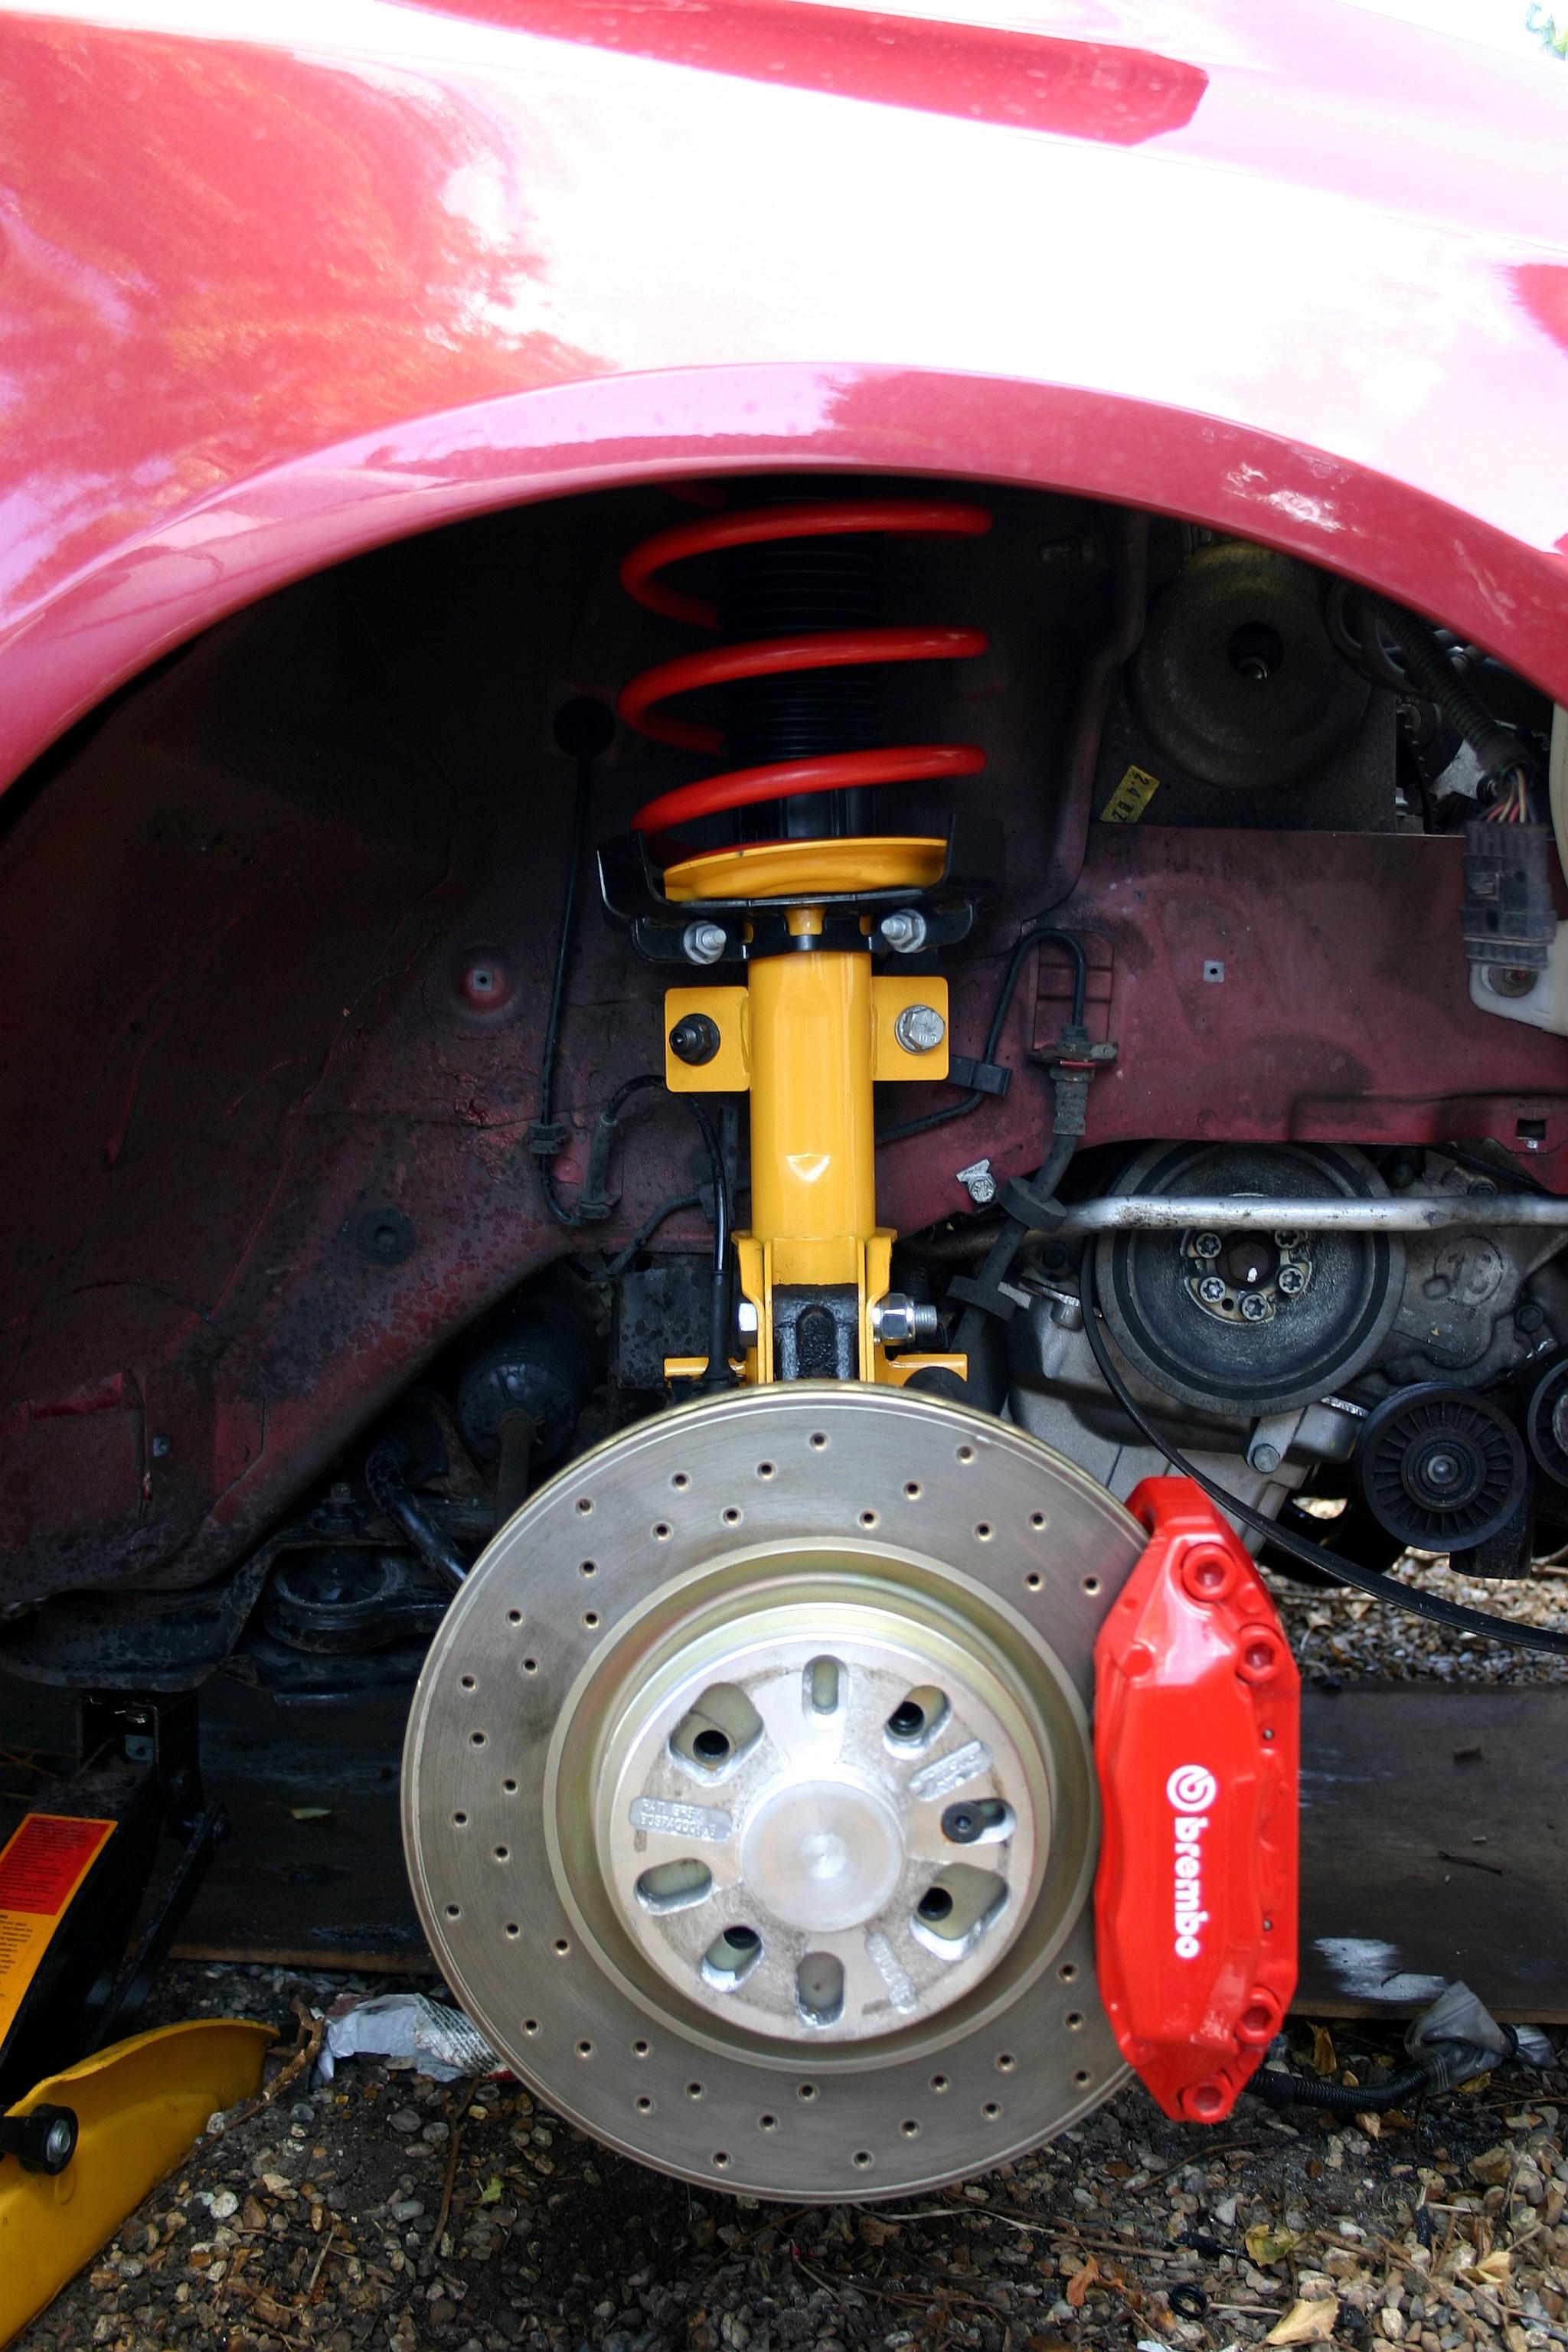 Fiat Stilo Malowanie Zaciski Hamulc 243 W Na Czerwono Fiat